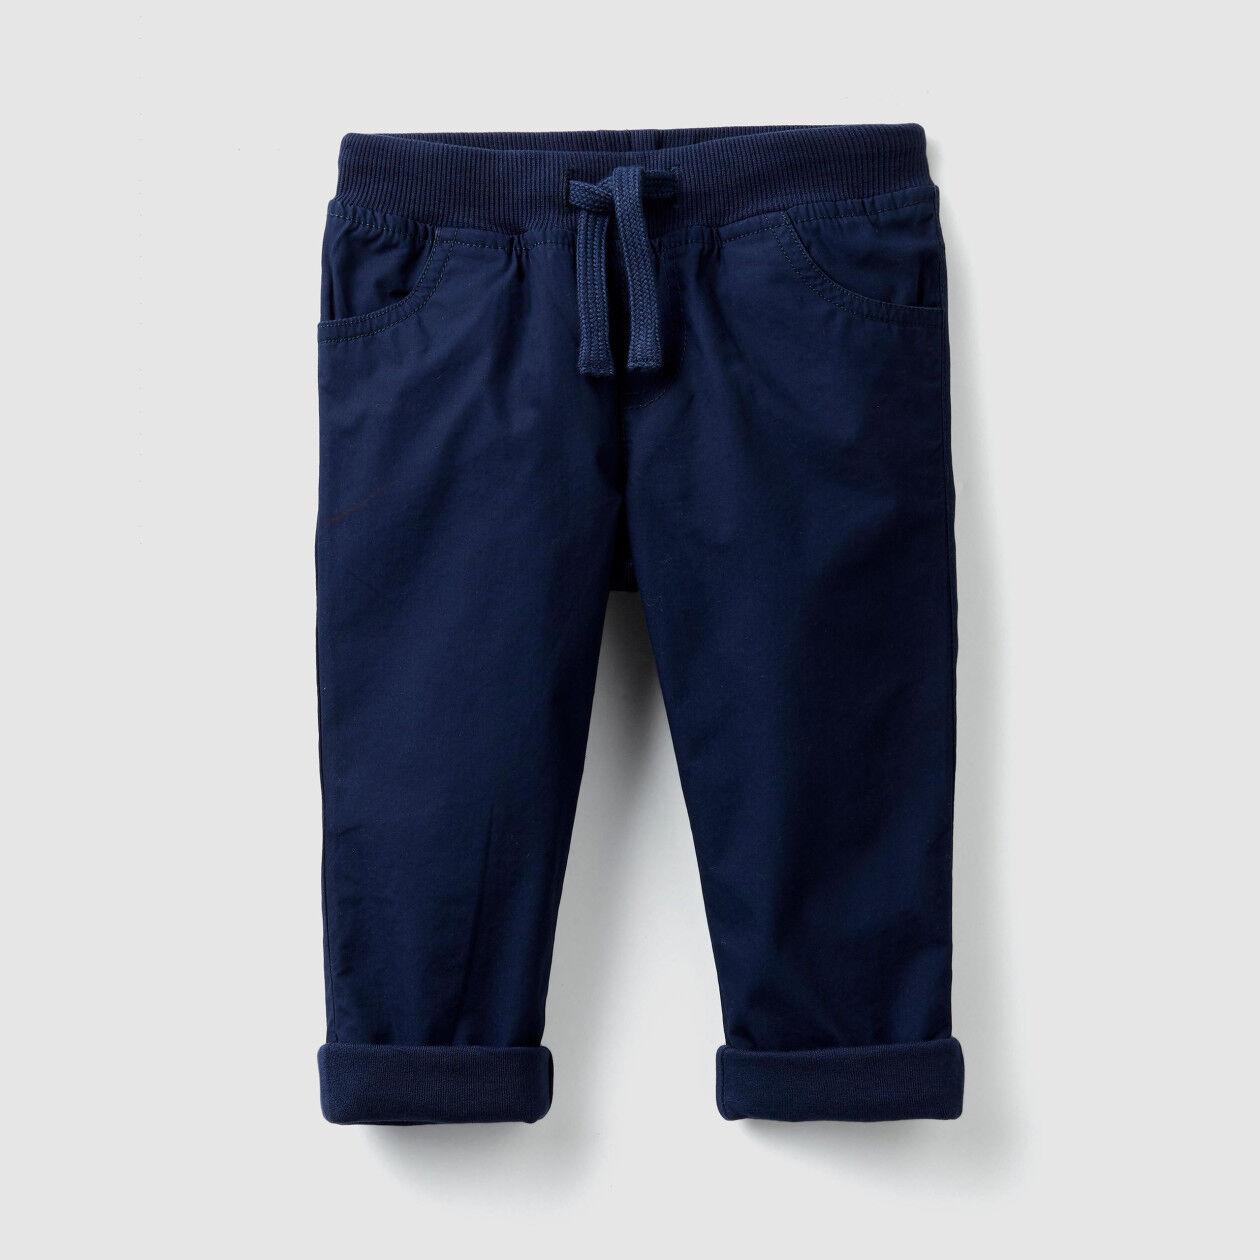 Pantaloni foderati